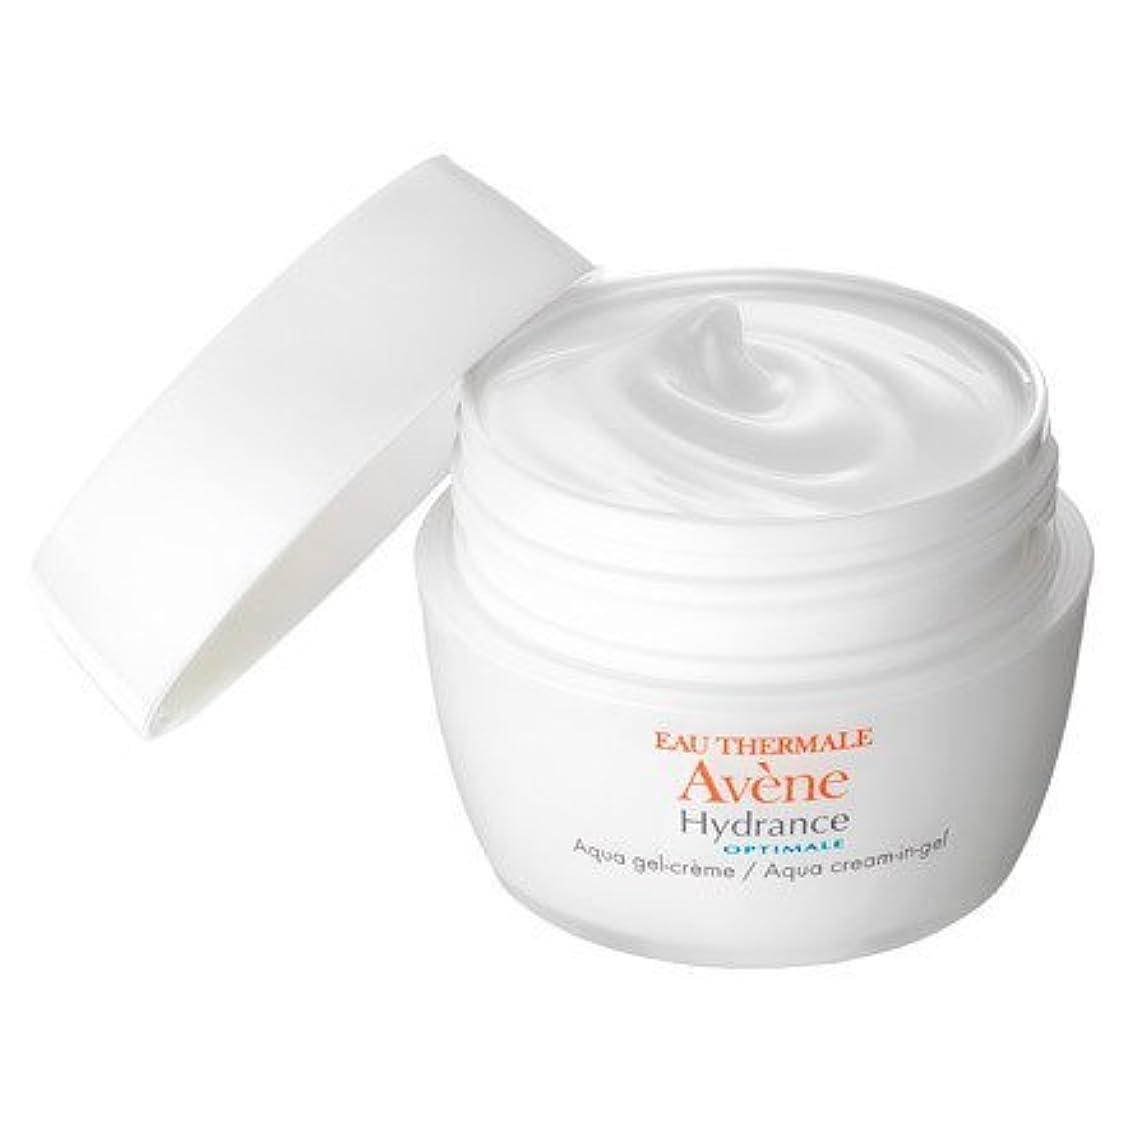 ギャラントリーホーン問題Avene Aqua Cream in Gel アベンヌ ミルキージェル 保湿ジェルクリーム 50g [海外直送品] [並行輸入品]